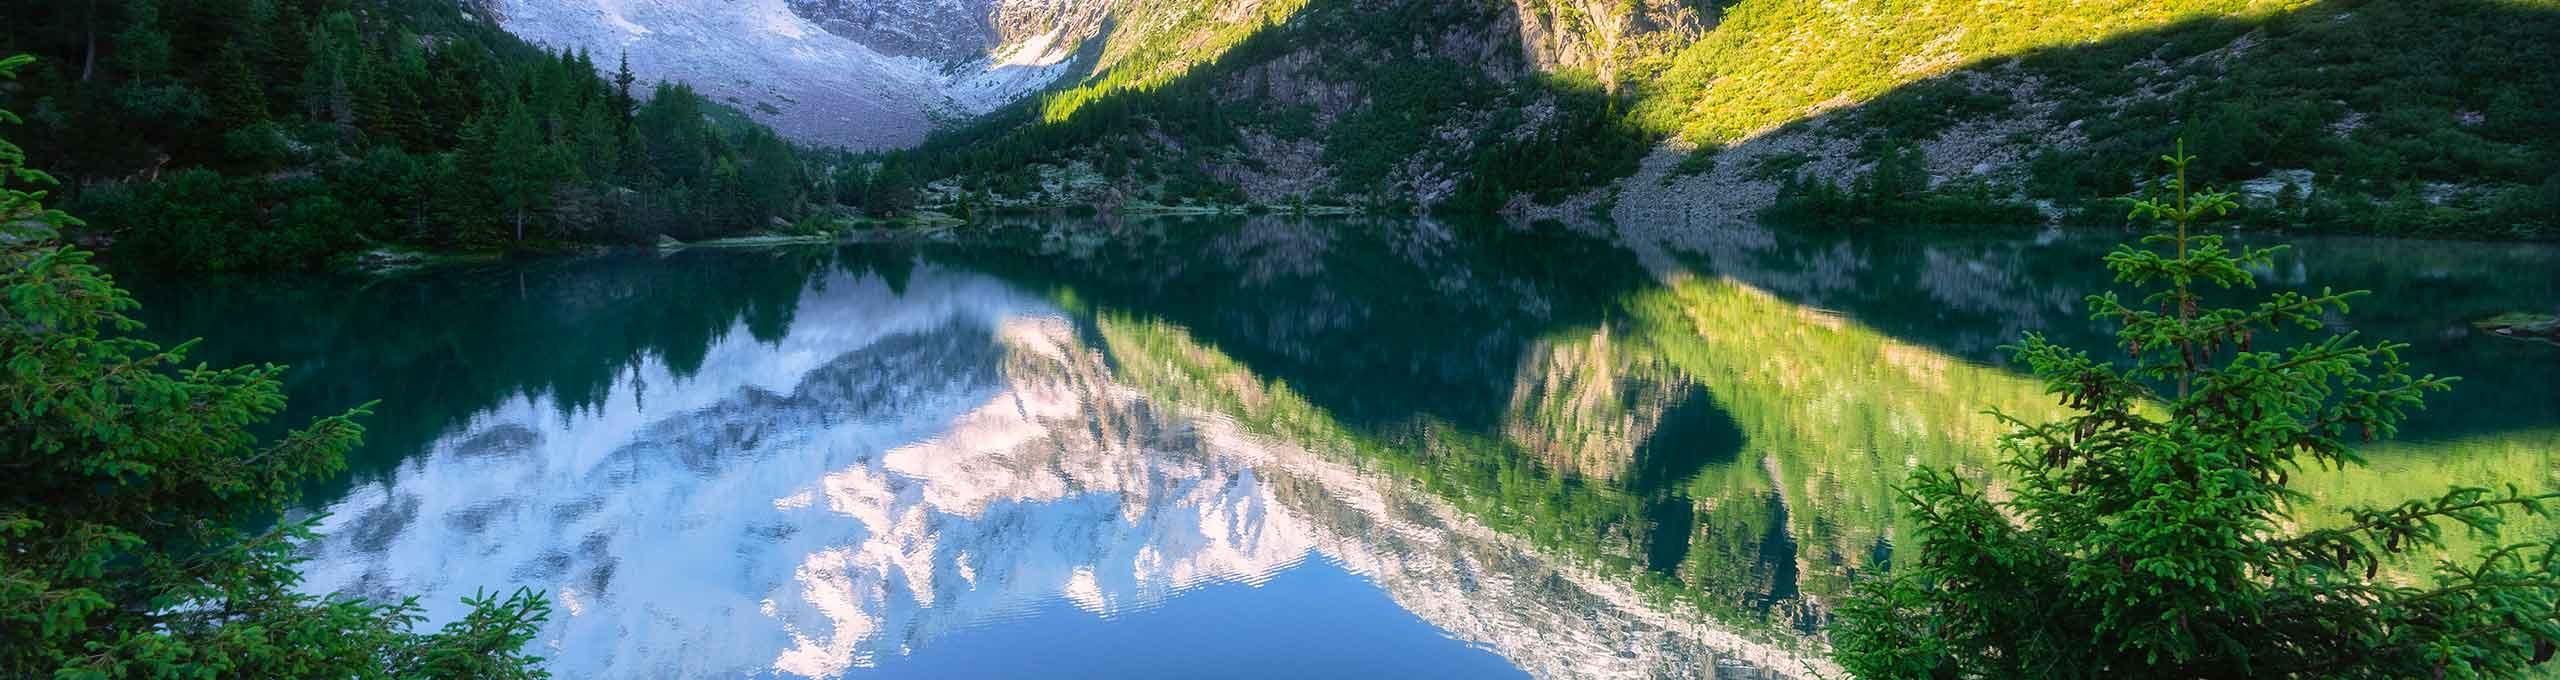 Vezza D'Oglio, Val Camonica